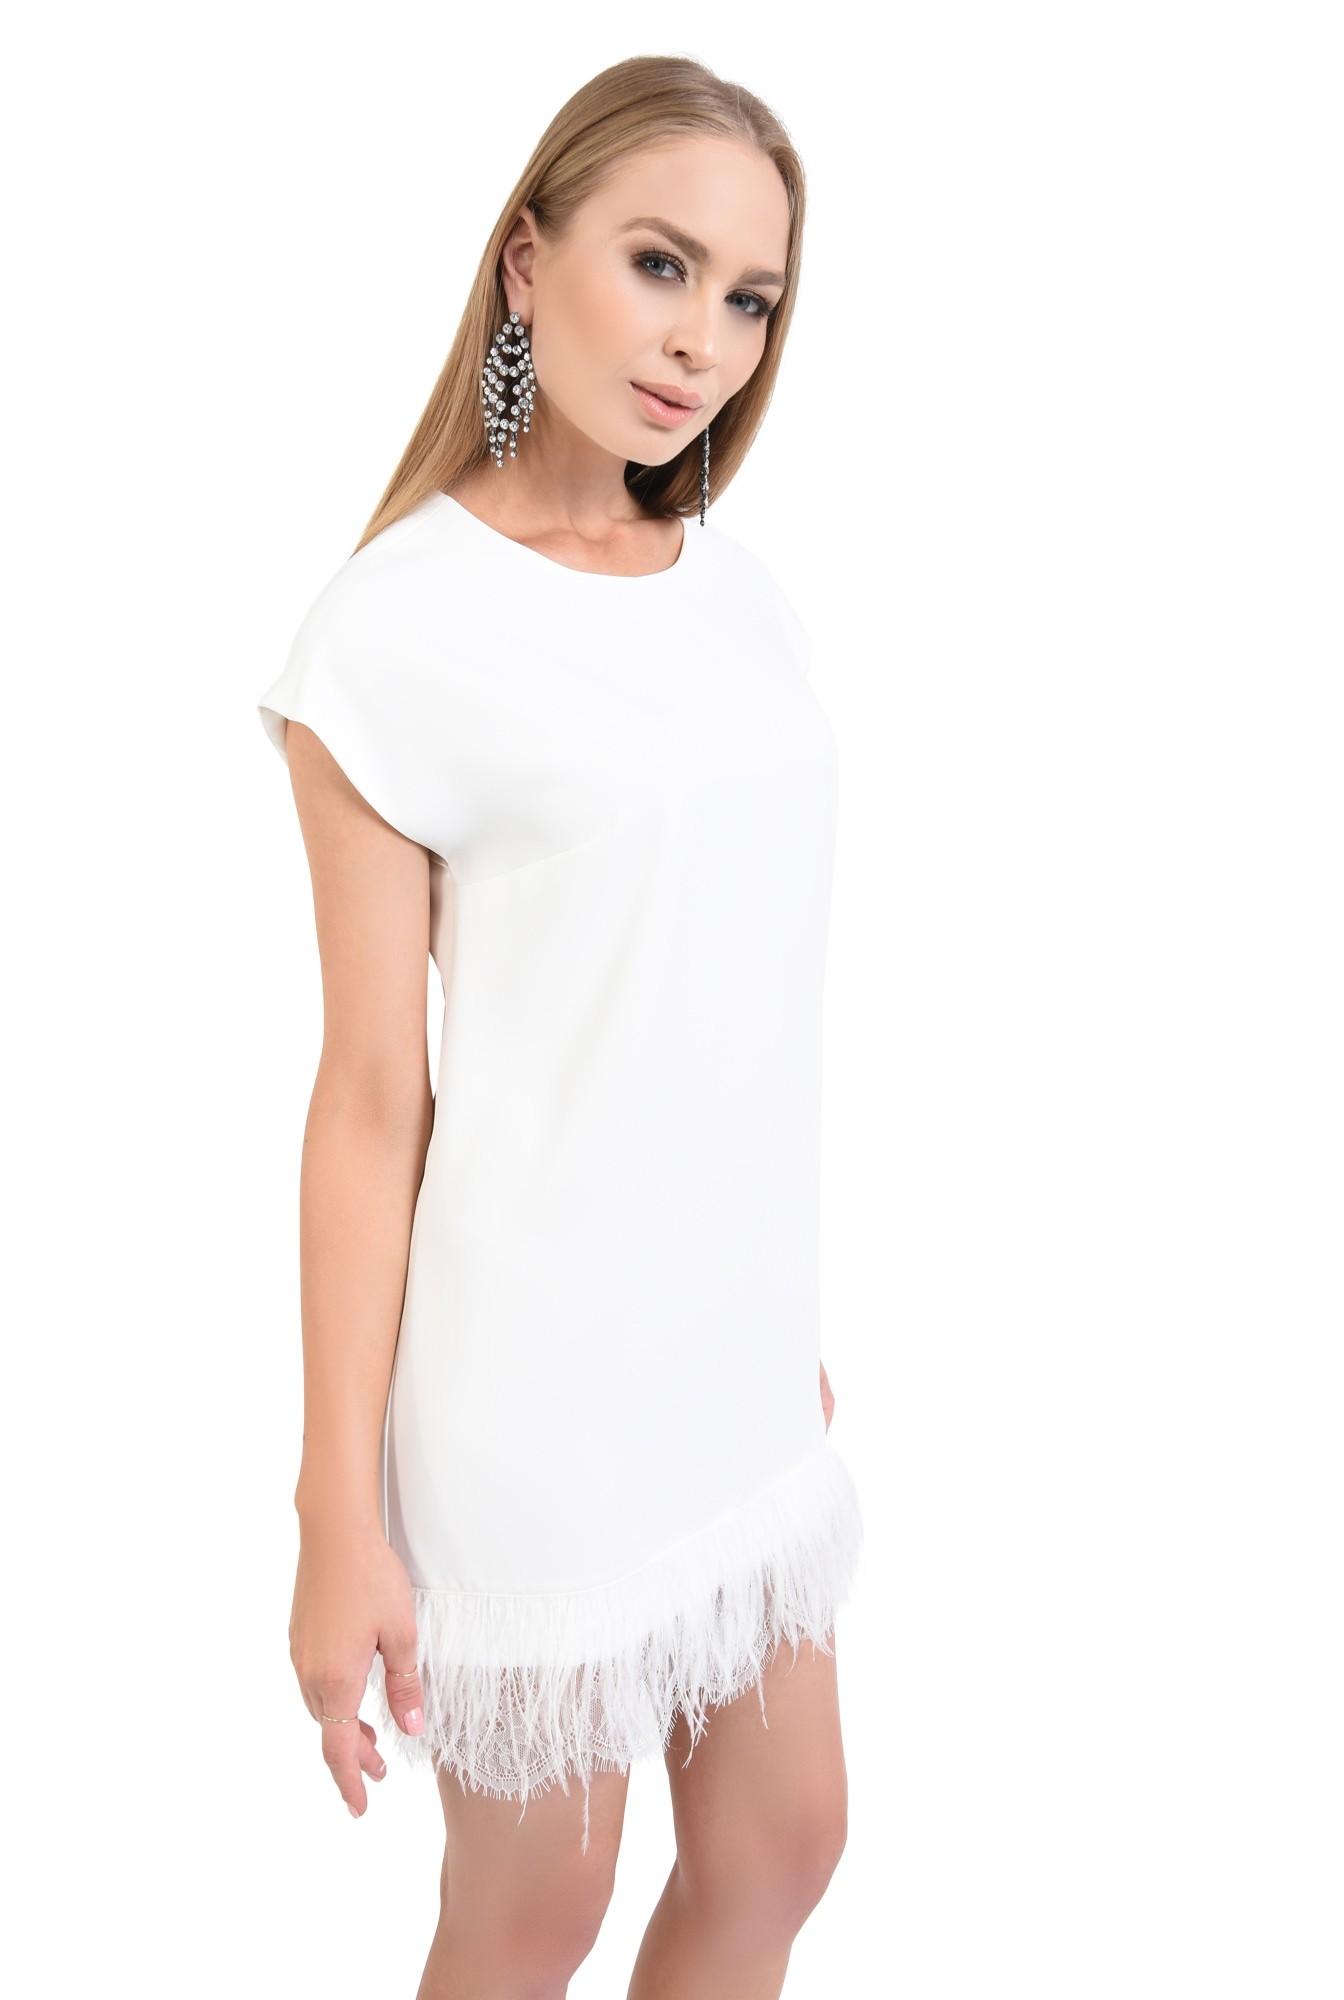 0 - rochie eleganta, scurta, alba, pene de strut